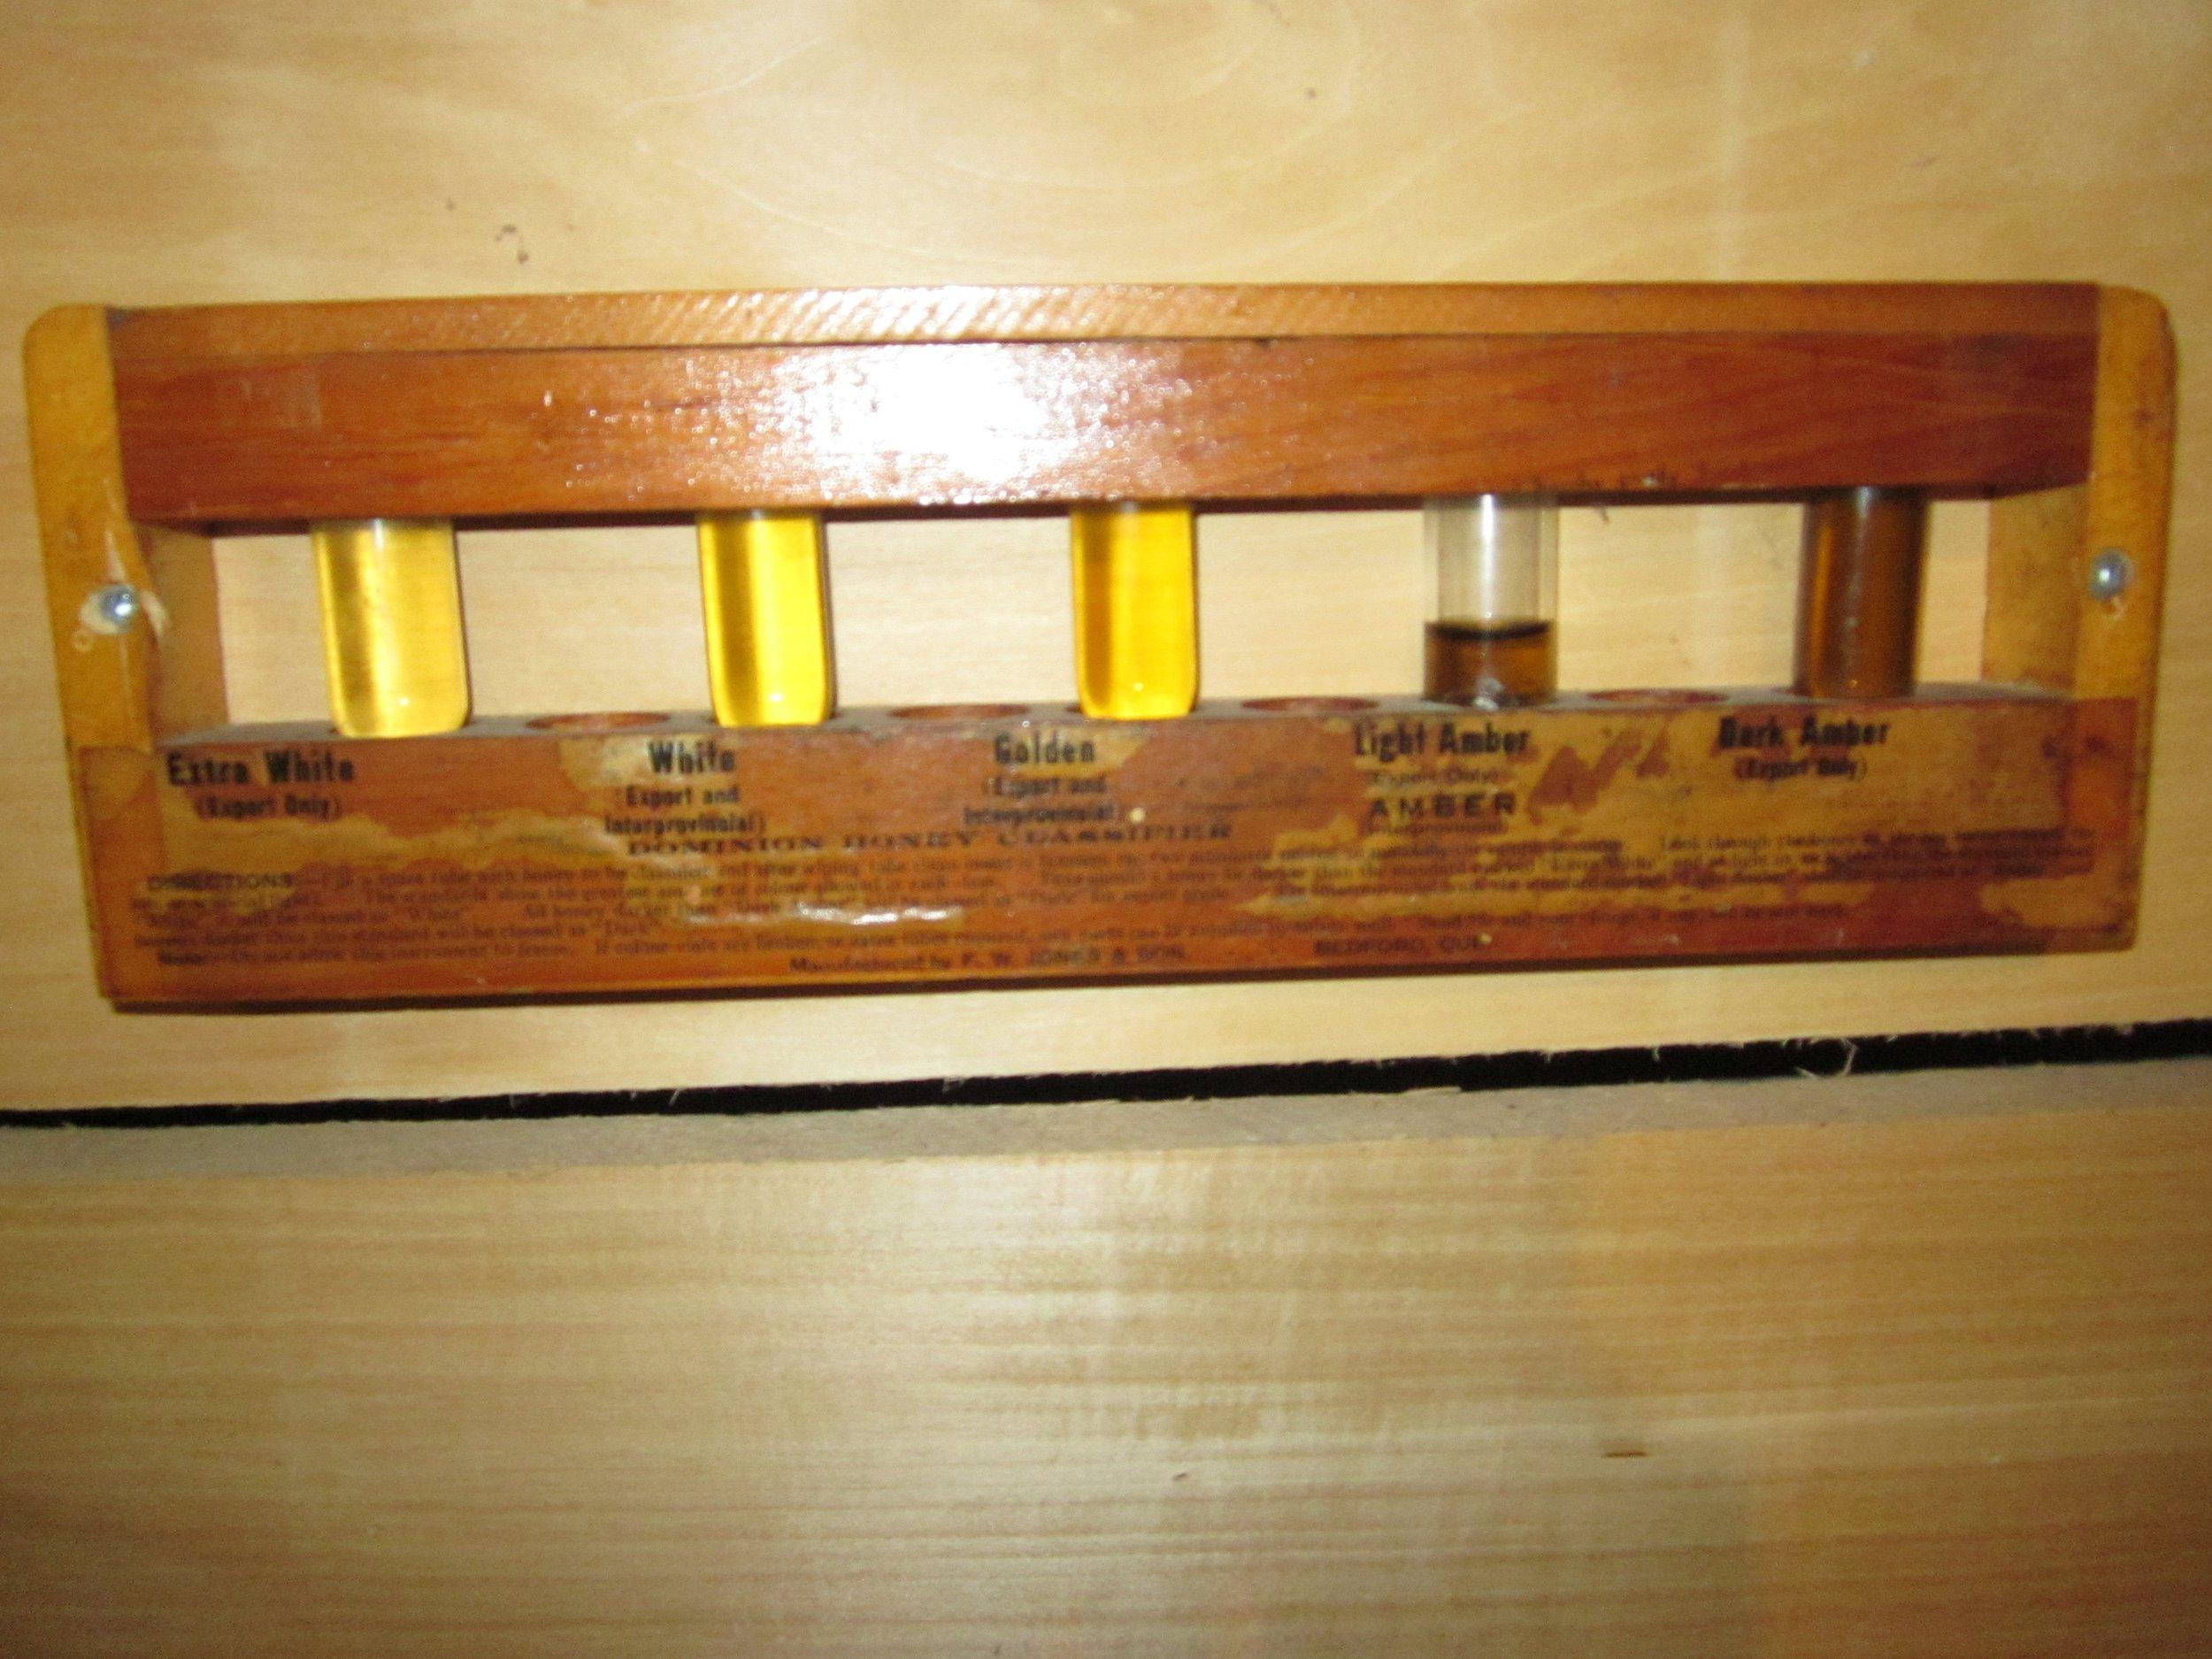 Classifier kit for honey